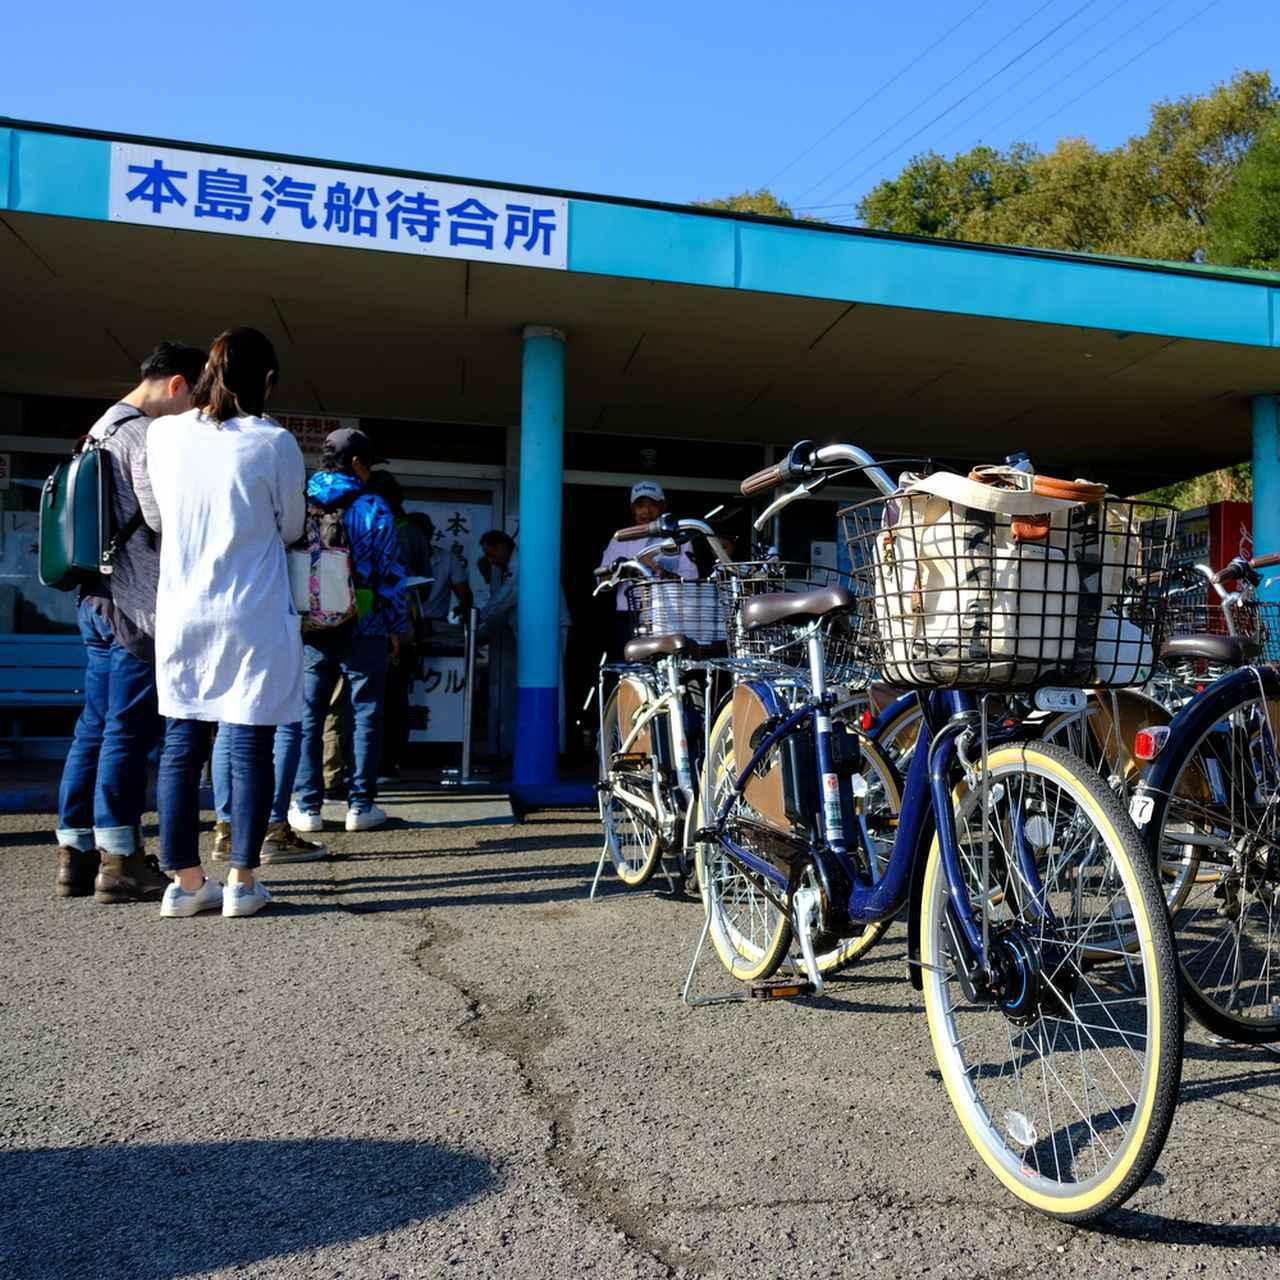 画像: 本島に到着したら早速自転車をレンタル。港を出てすぐの待合所で手続きができますよ。